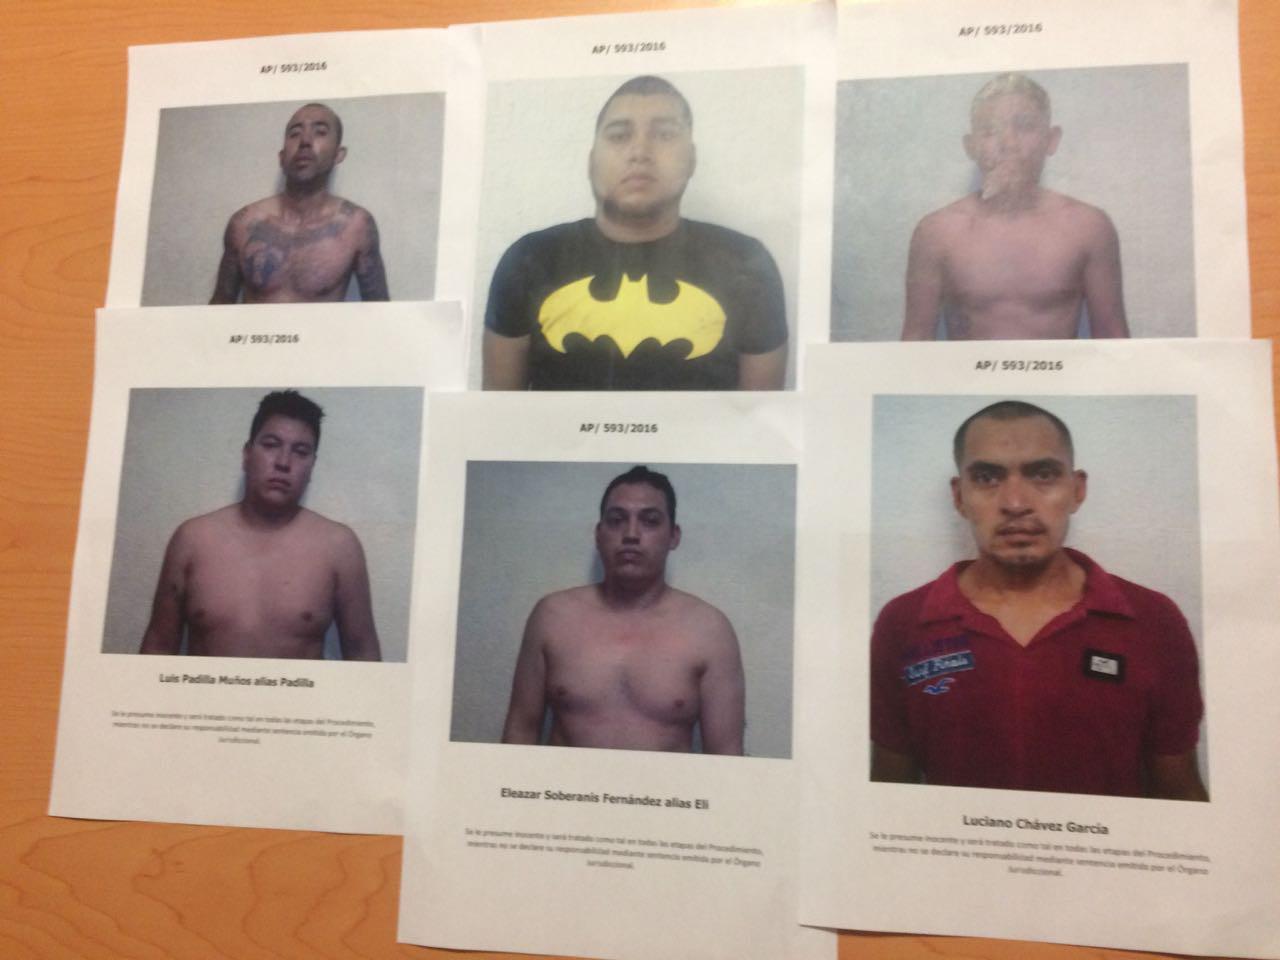 PERSEGUÍAN A NARCOS DEL CJNG EN CANCÚN: Suman 14 los detenidos tras varios operativos por el enfrentamiento con judiciales en la Región 514